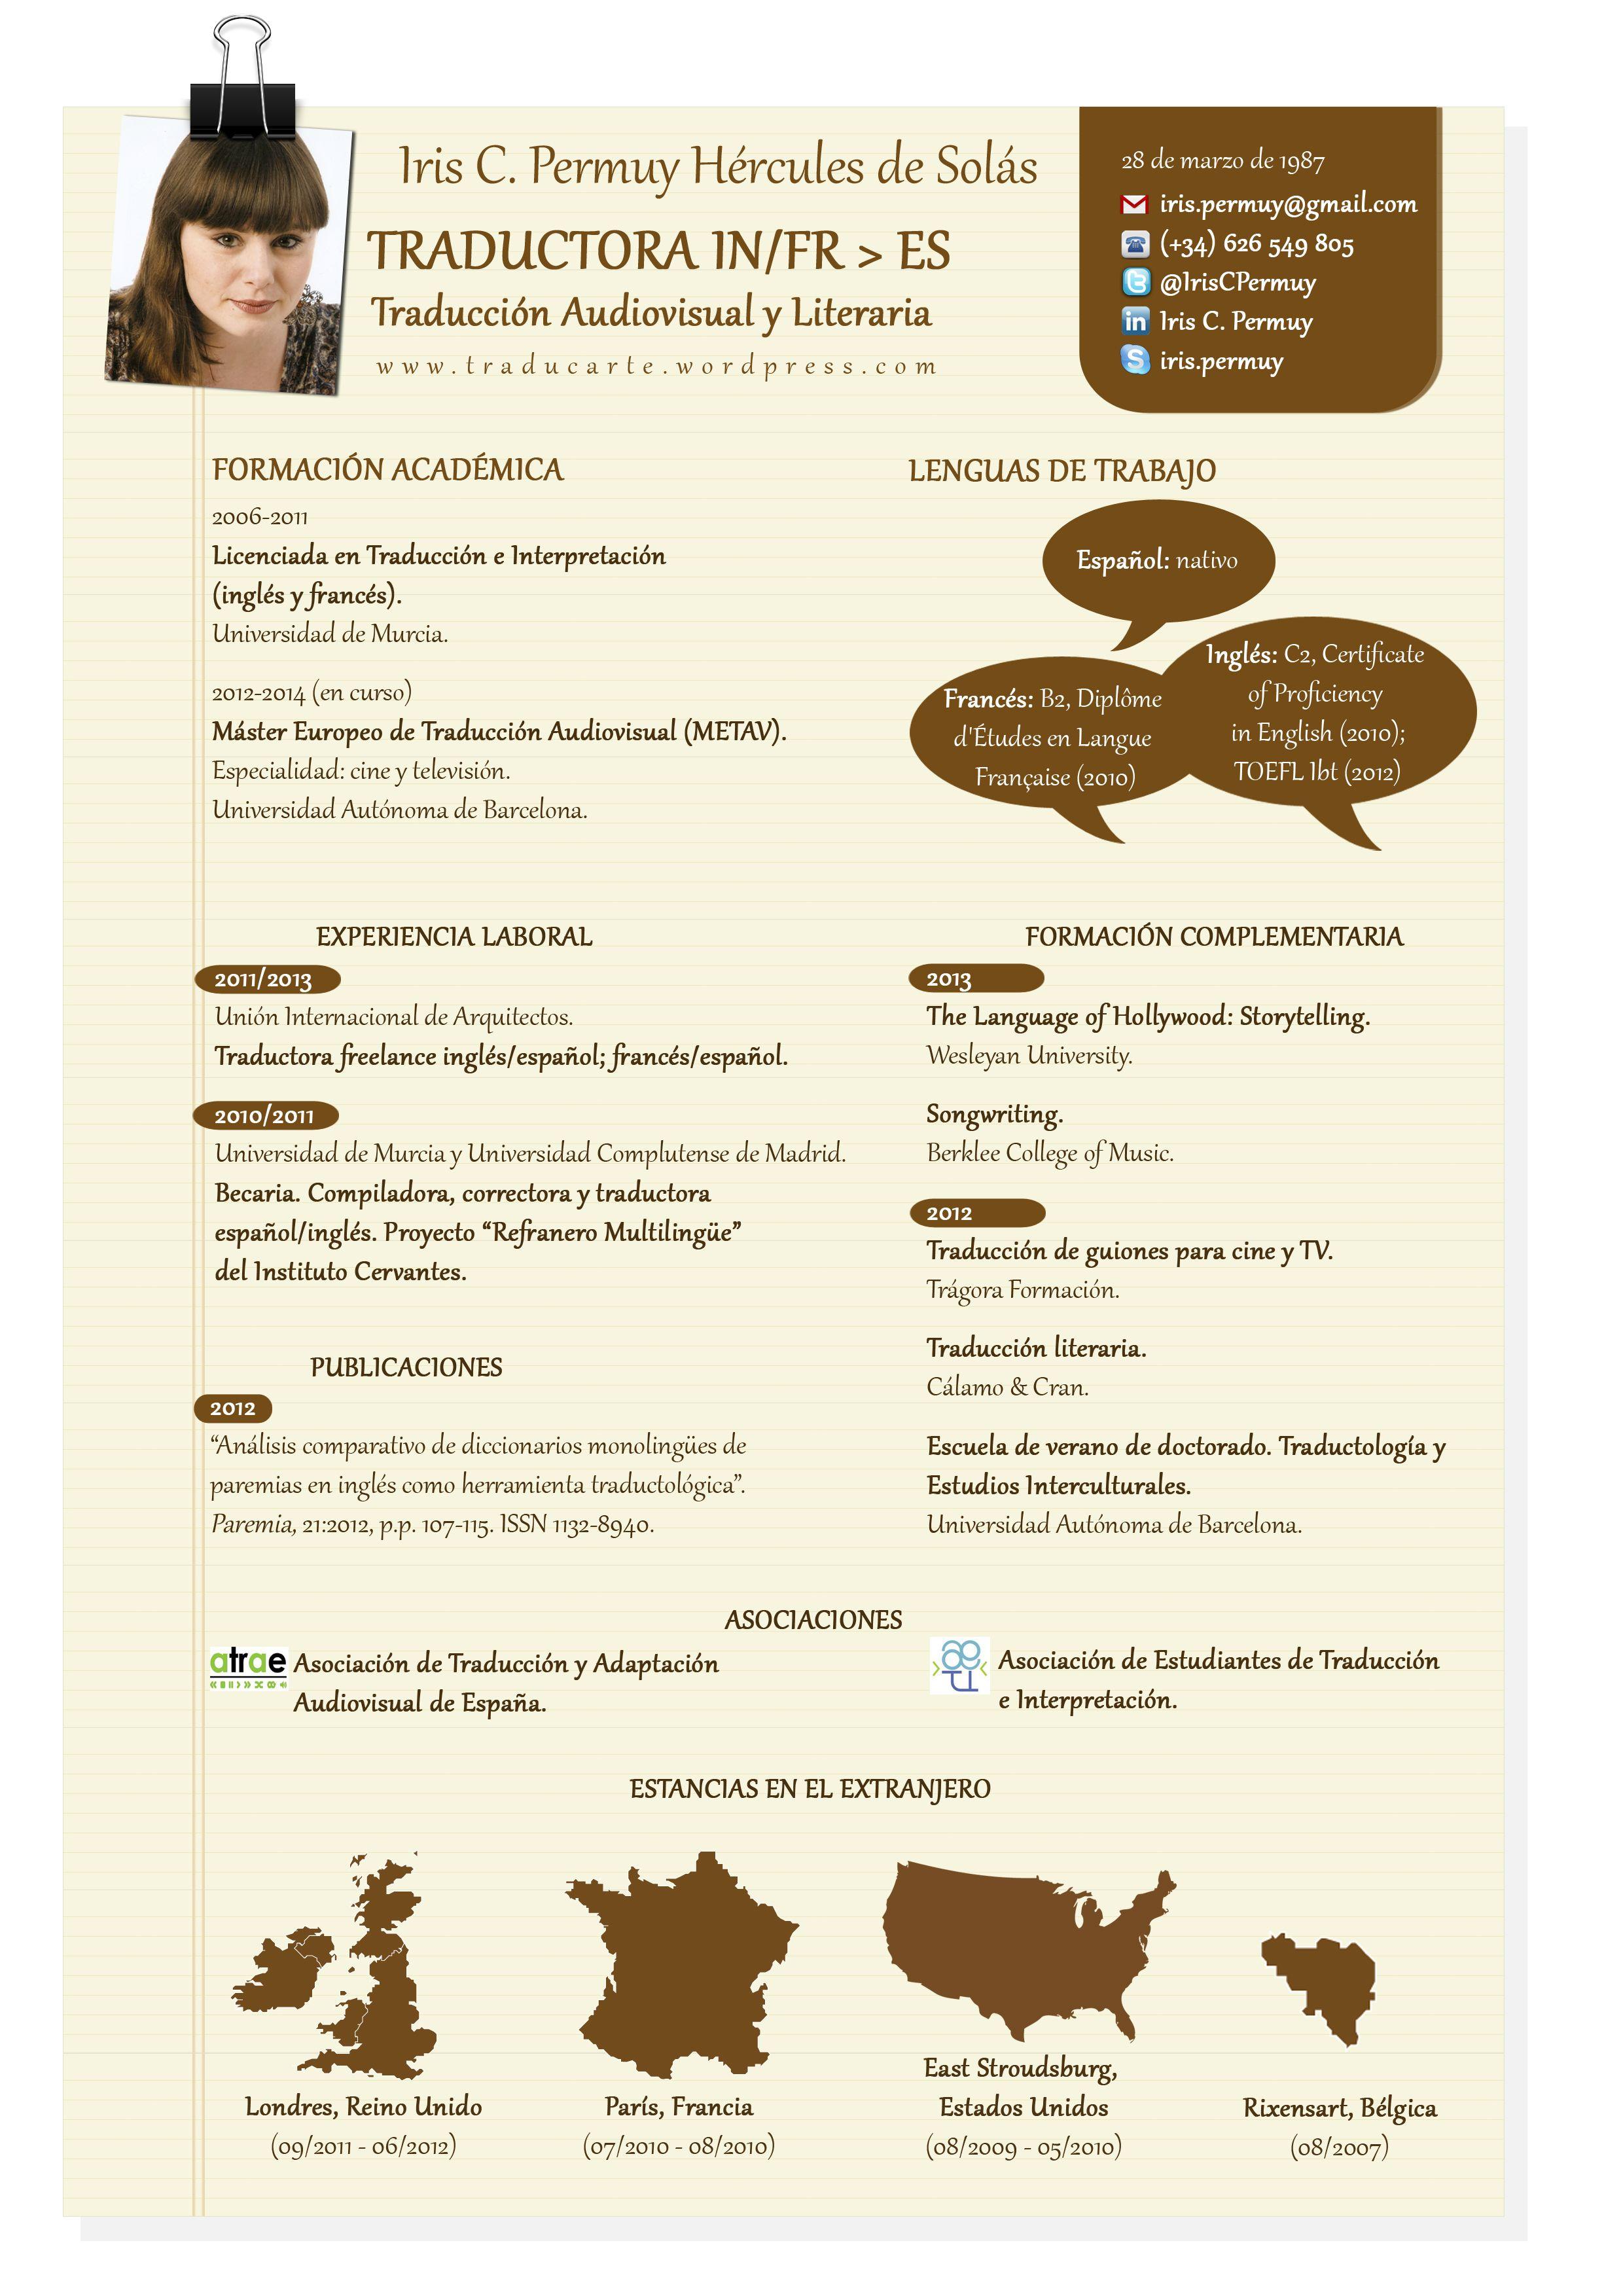 el cv de traductor freelance en 500 palabras leonhuntersl cv de iris permuy de su blog traduccin pinterest resume cv and infographic